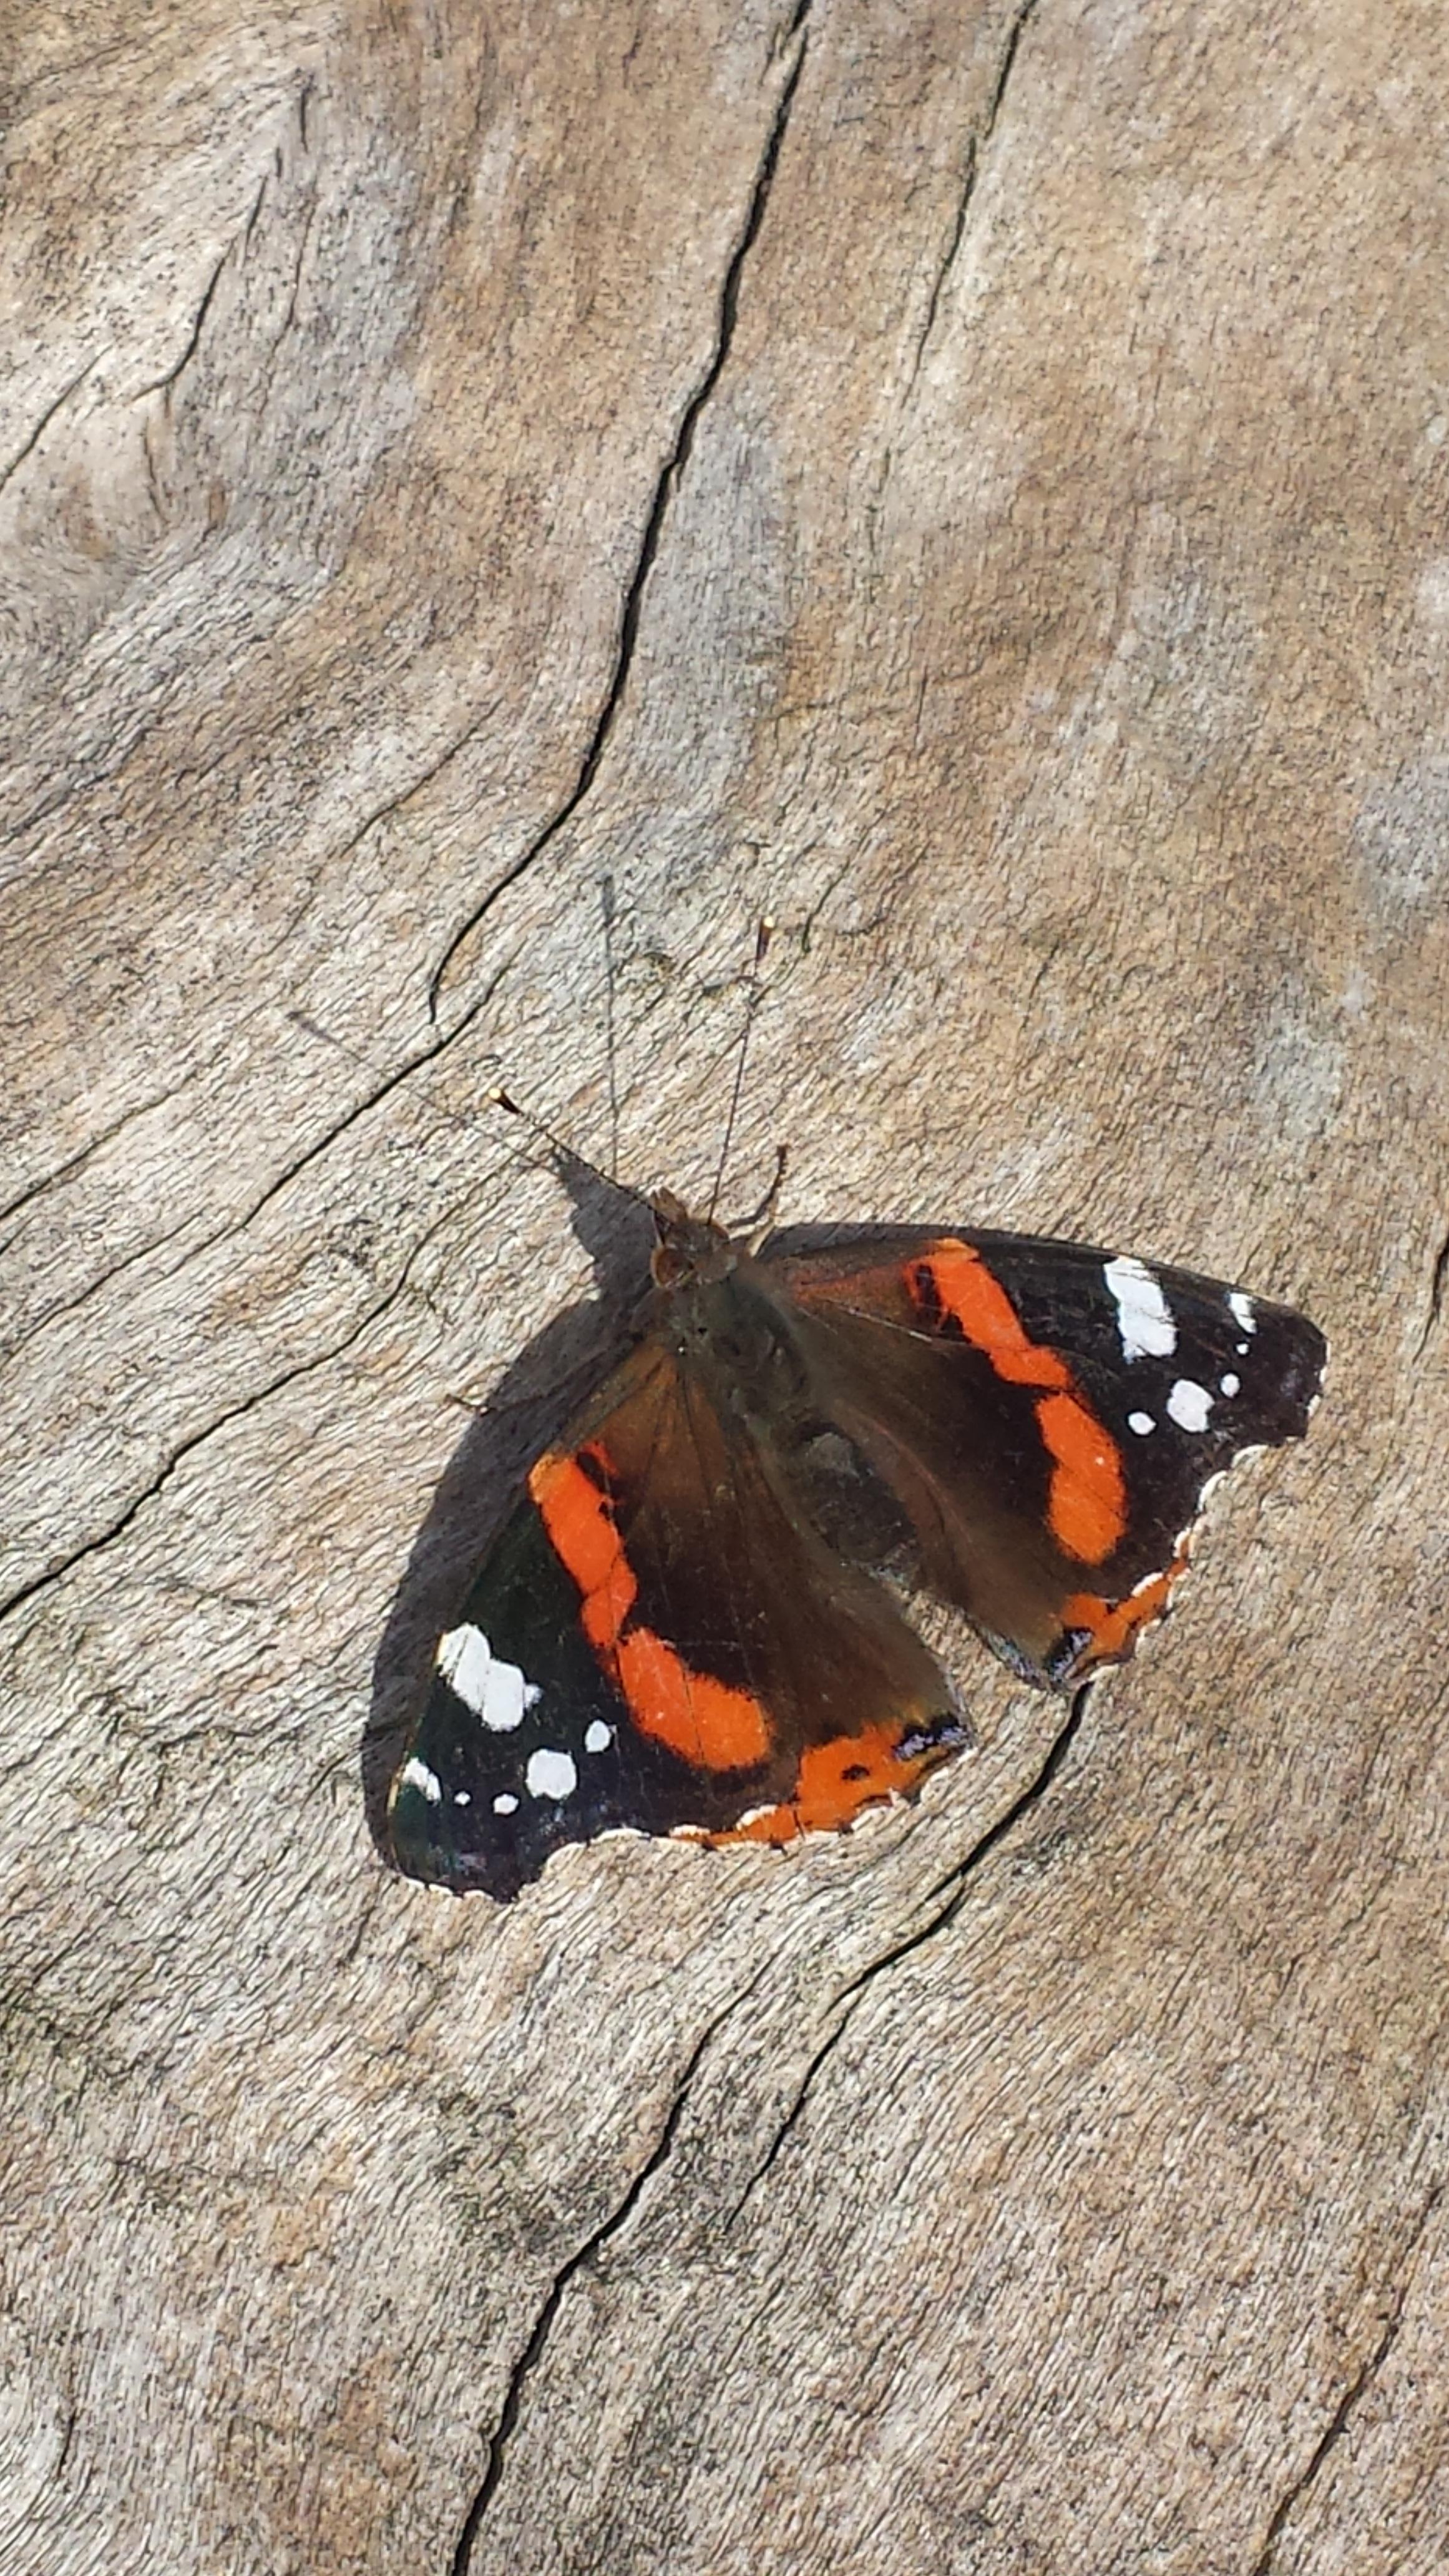 Fotos Gratis Naturaleza Ala Madera Hoja Insecto Polilla  ~ Como Son Las Polillas De La Madera